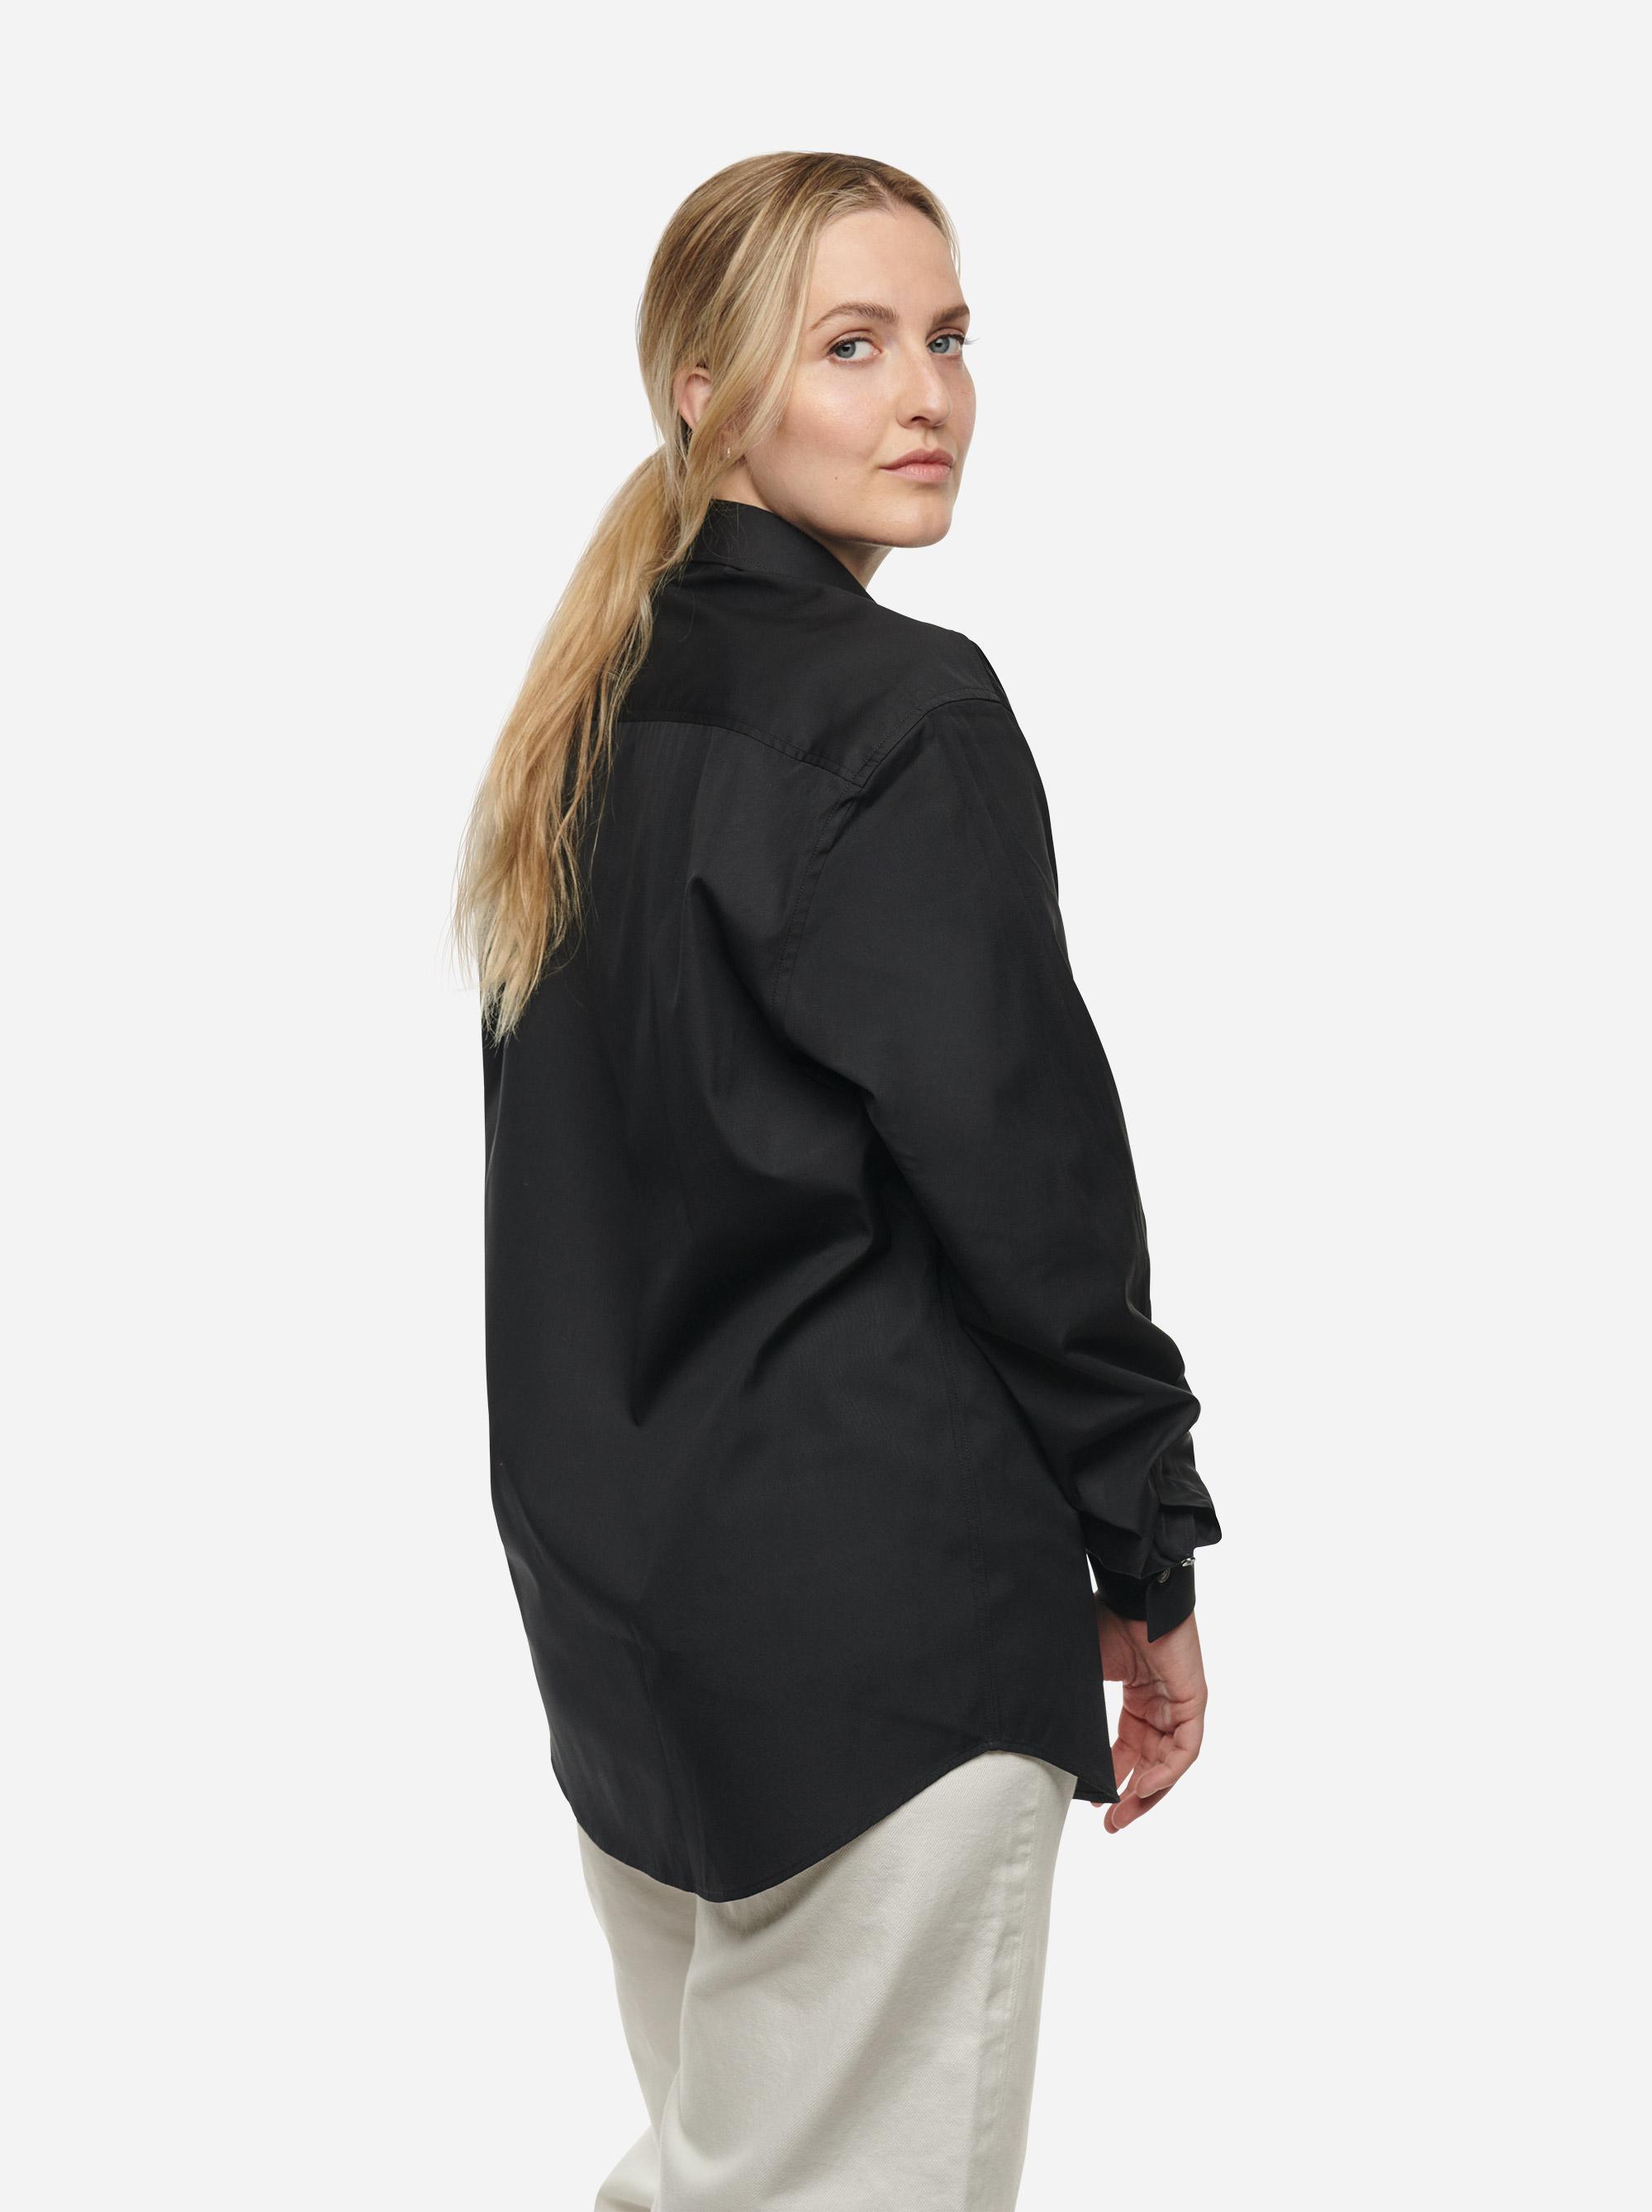 Teym-Shirt-Black-mens-2